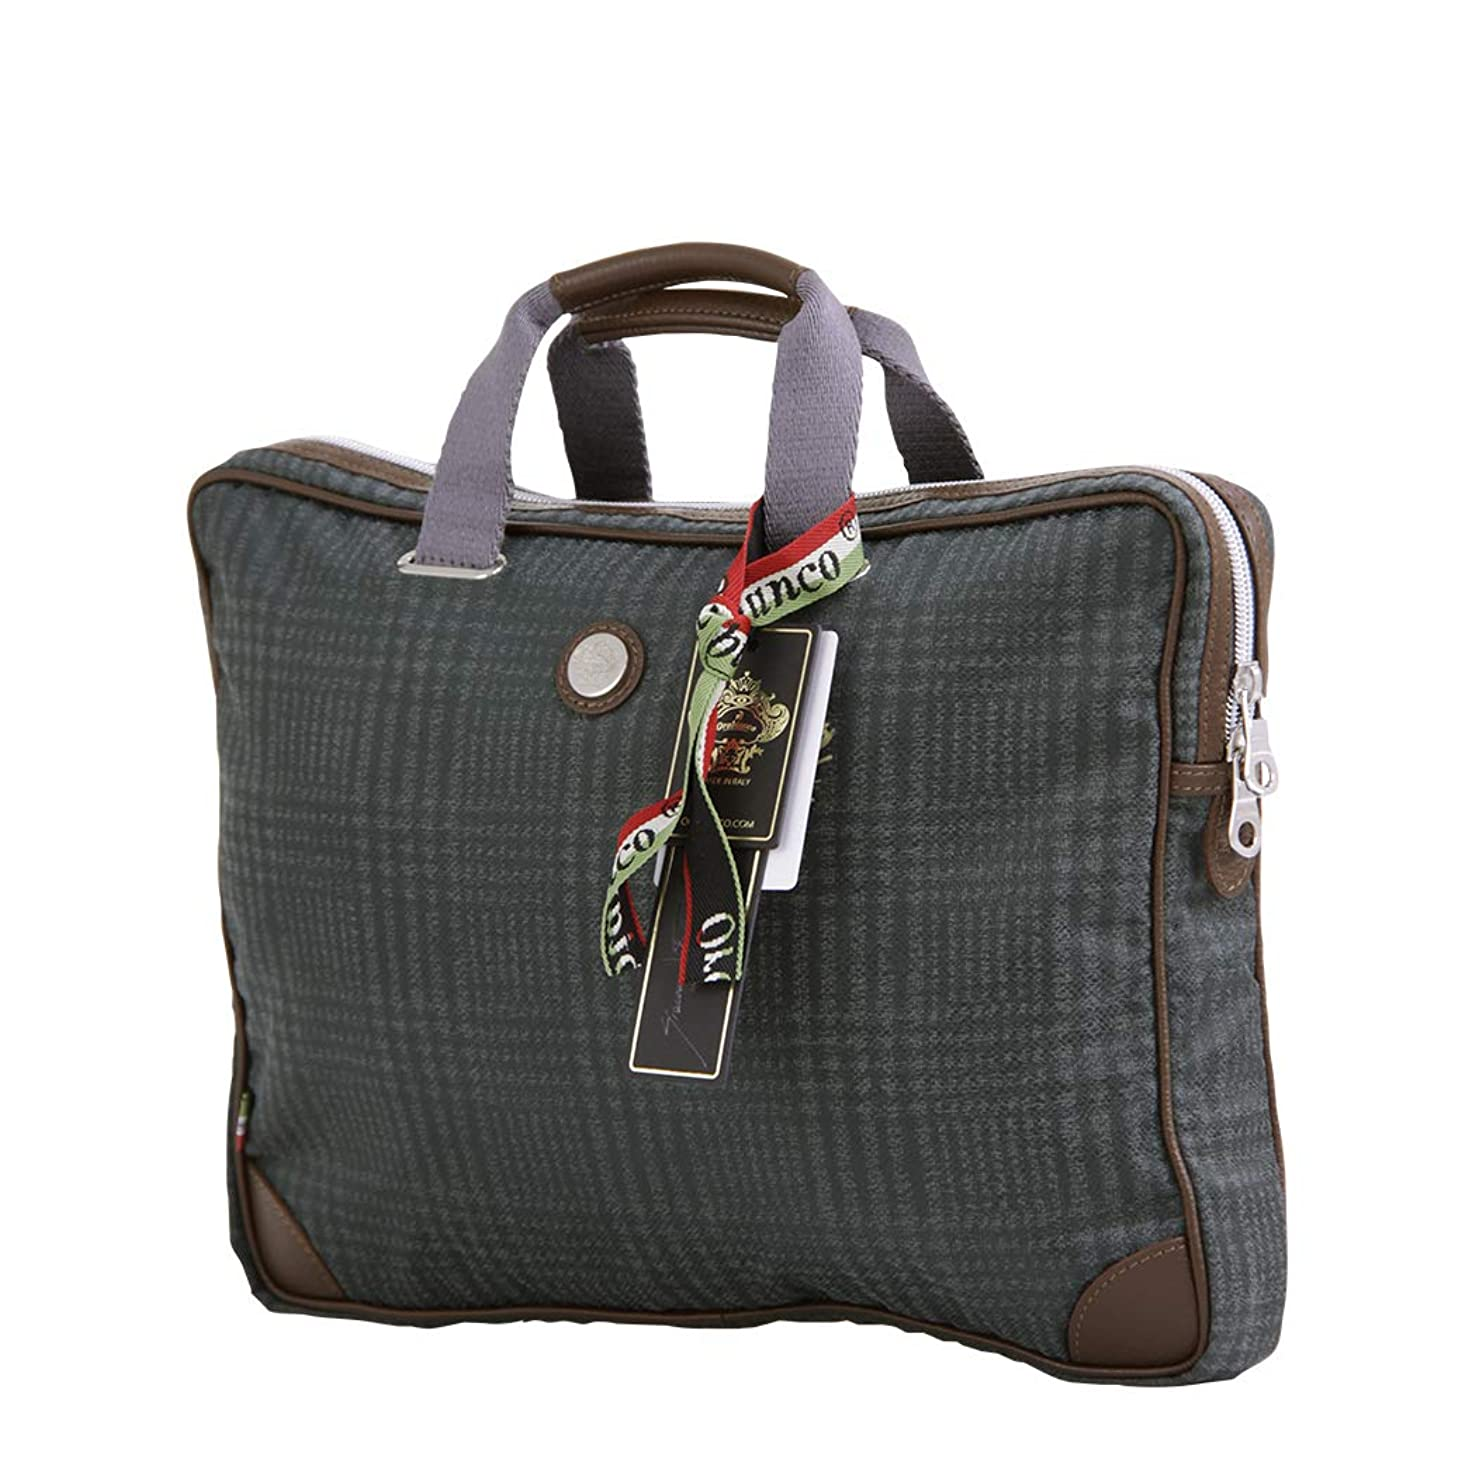 クモ達成項目国内正規品 OROBIANCO オロビアンコ ブリーフケース バッグ ビジネス 鞄 旅行かばん 出張 B4サイズ対応 EXPRESS-G OROKLAN MADE IN ITALY イタリア製 『orobianco-90029』